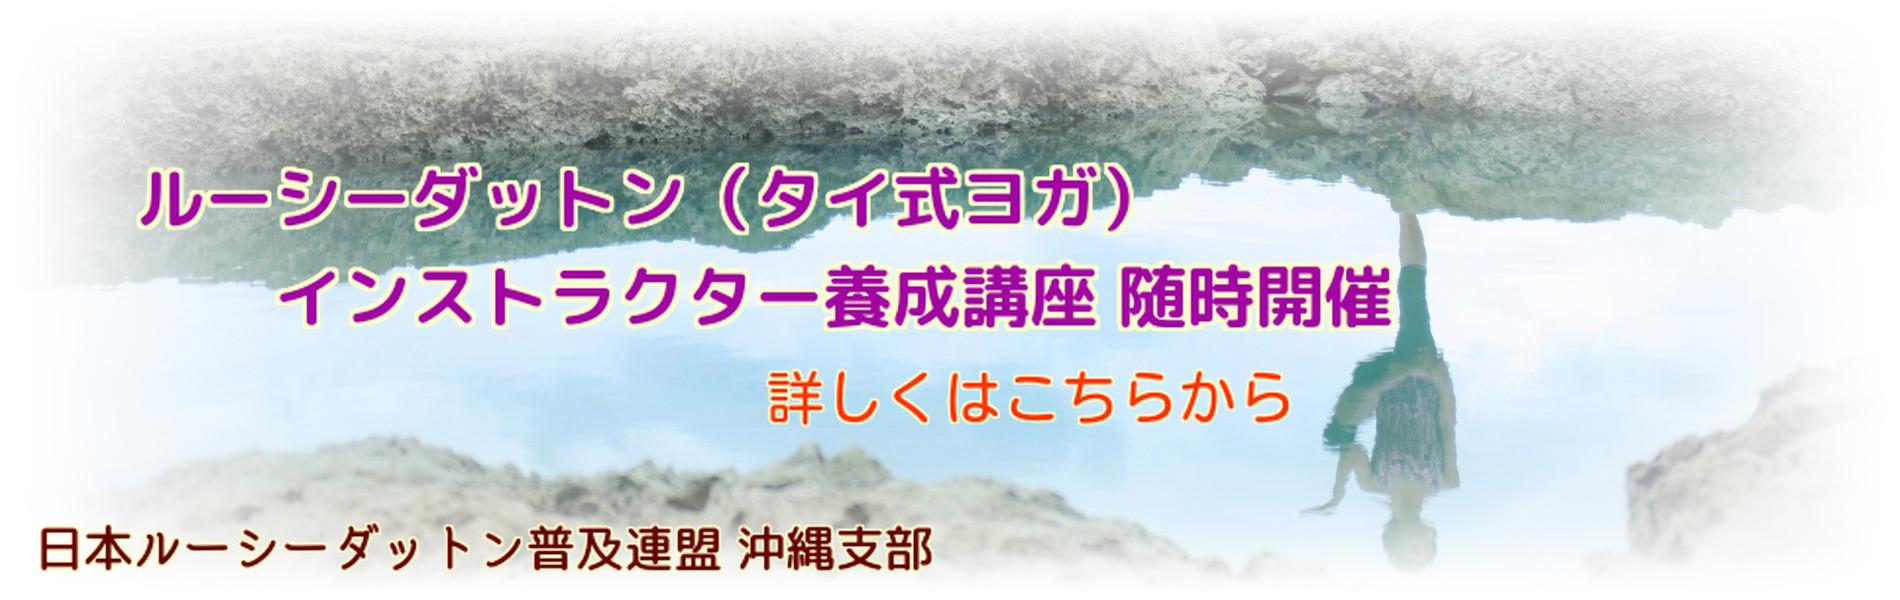 http:herb-mar.okinawa/ルーシーダットンインストラクター養成講座/